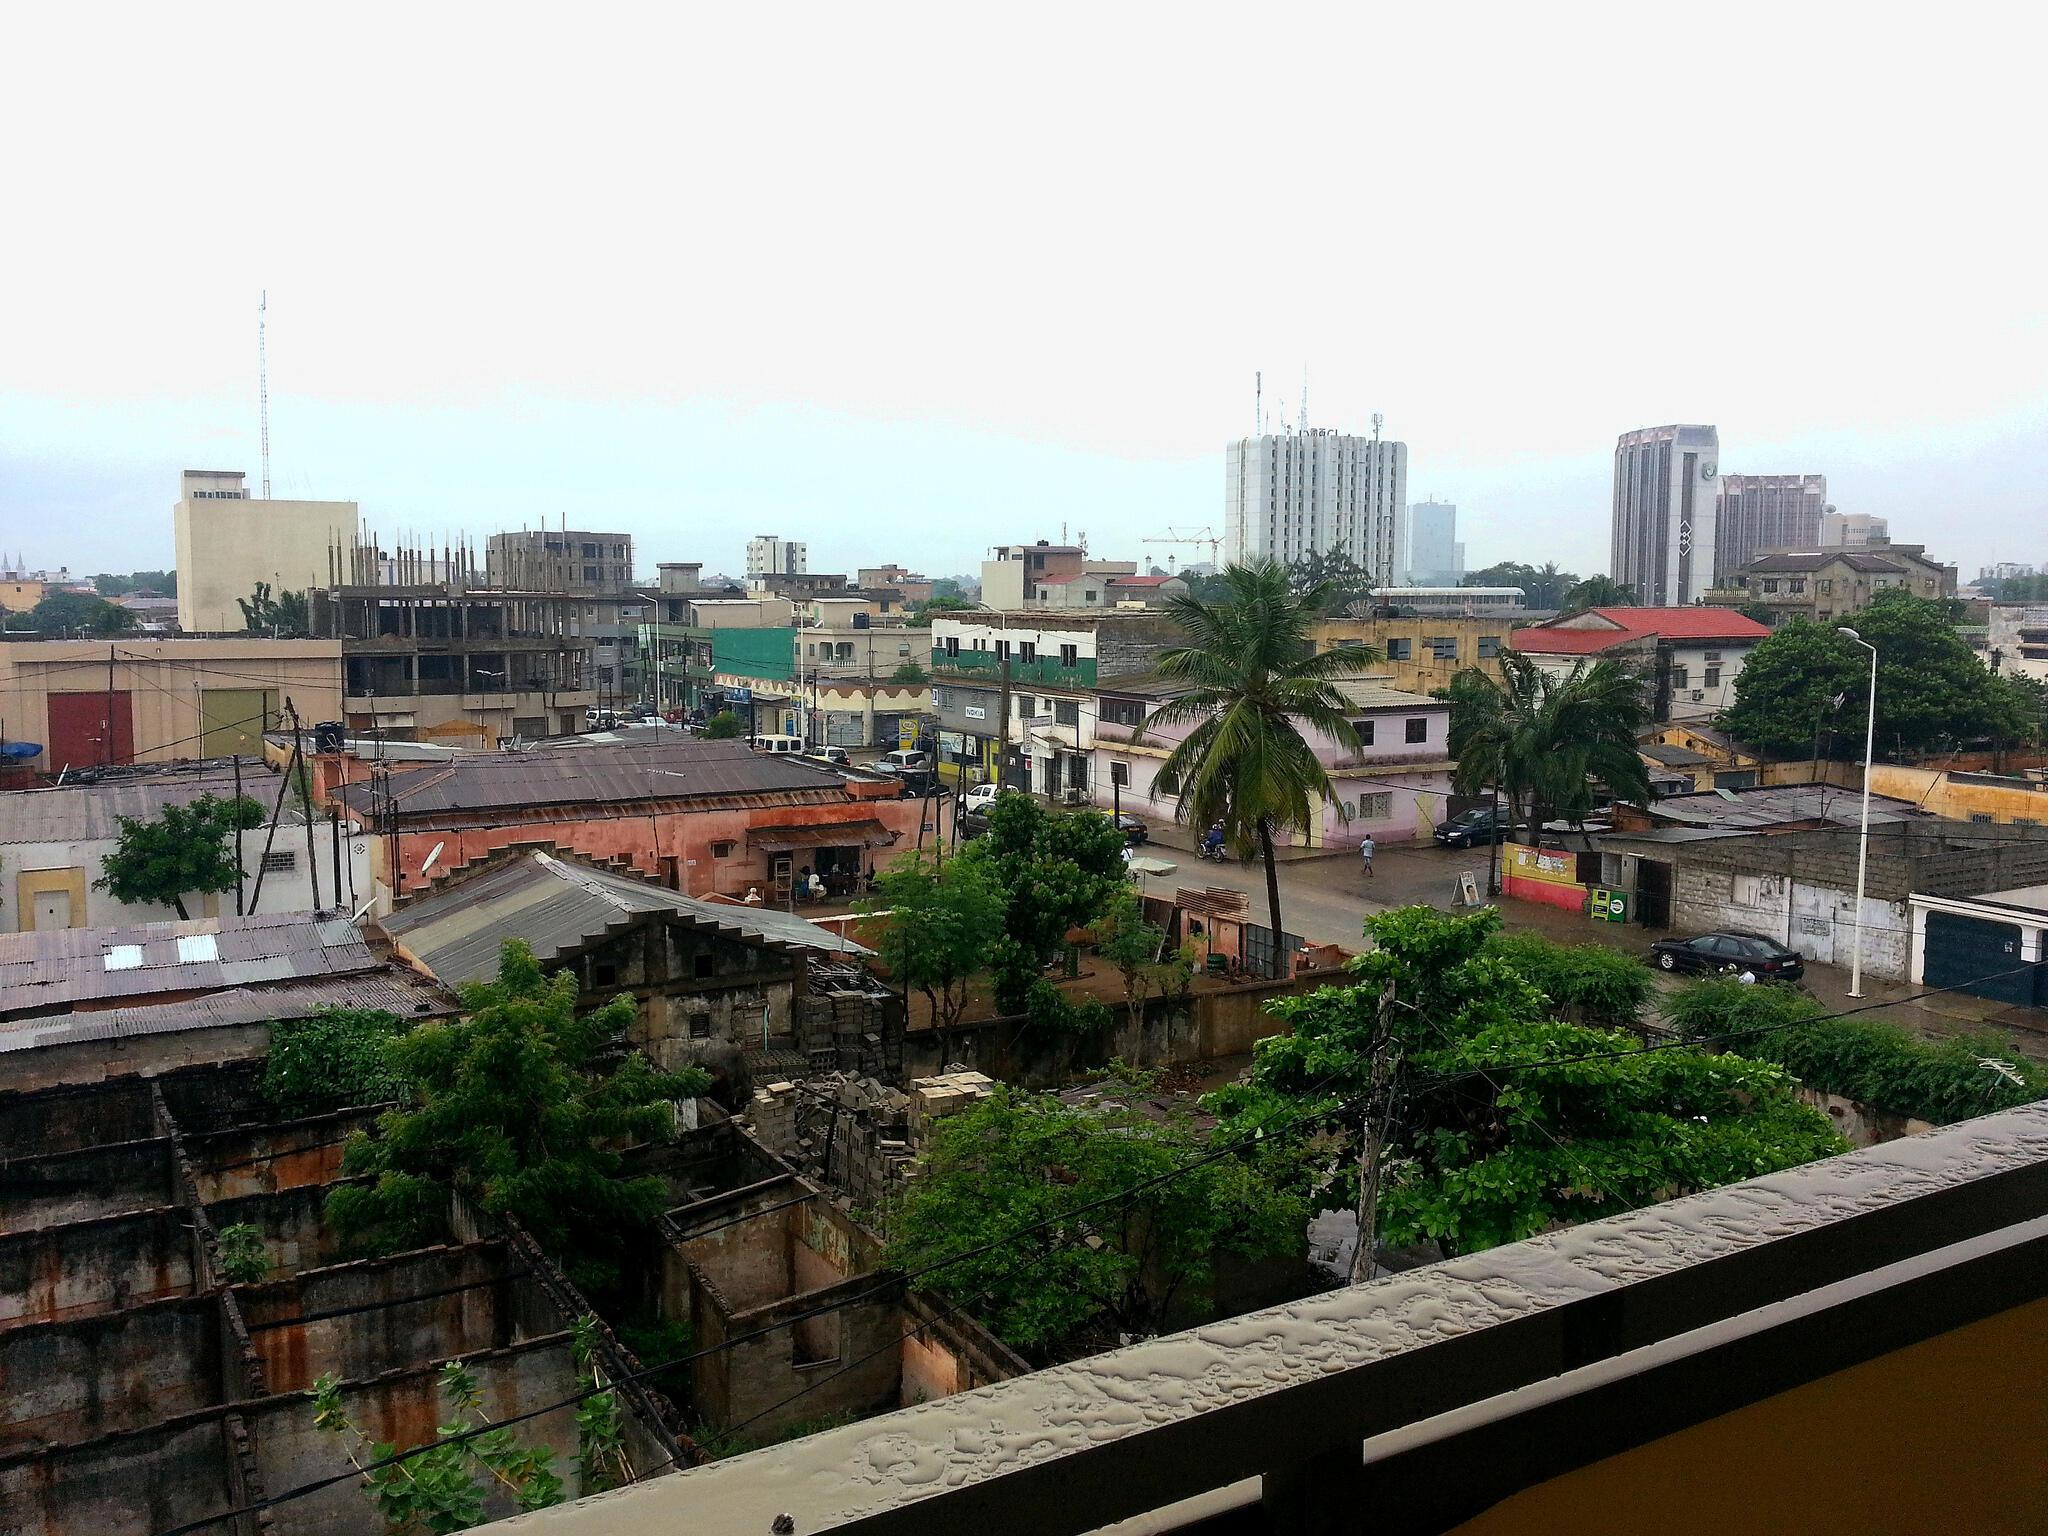 Vue de Lomé, capitale du Togo (image d'illustration).